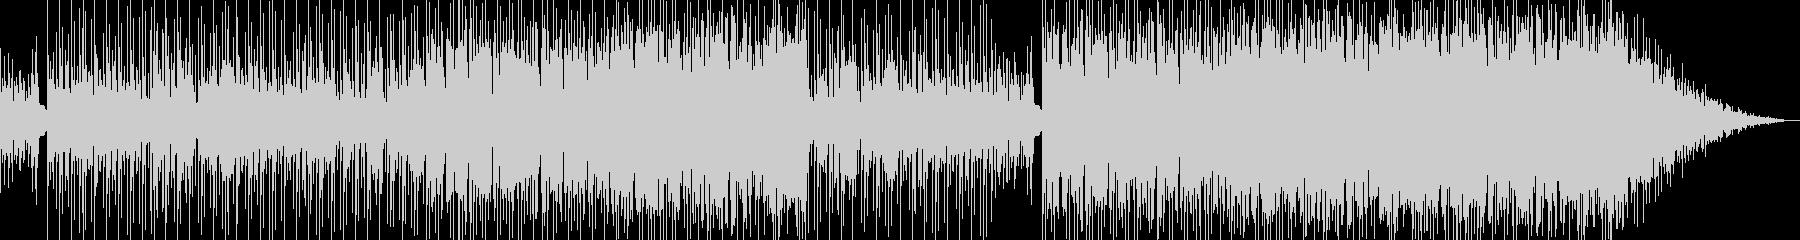 カントリー系インストゥルメンタルの未再生の波形